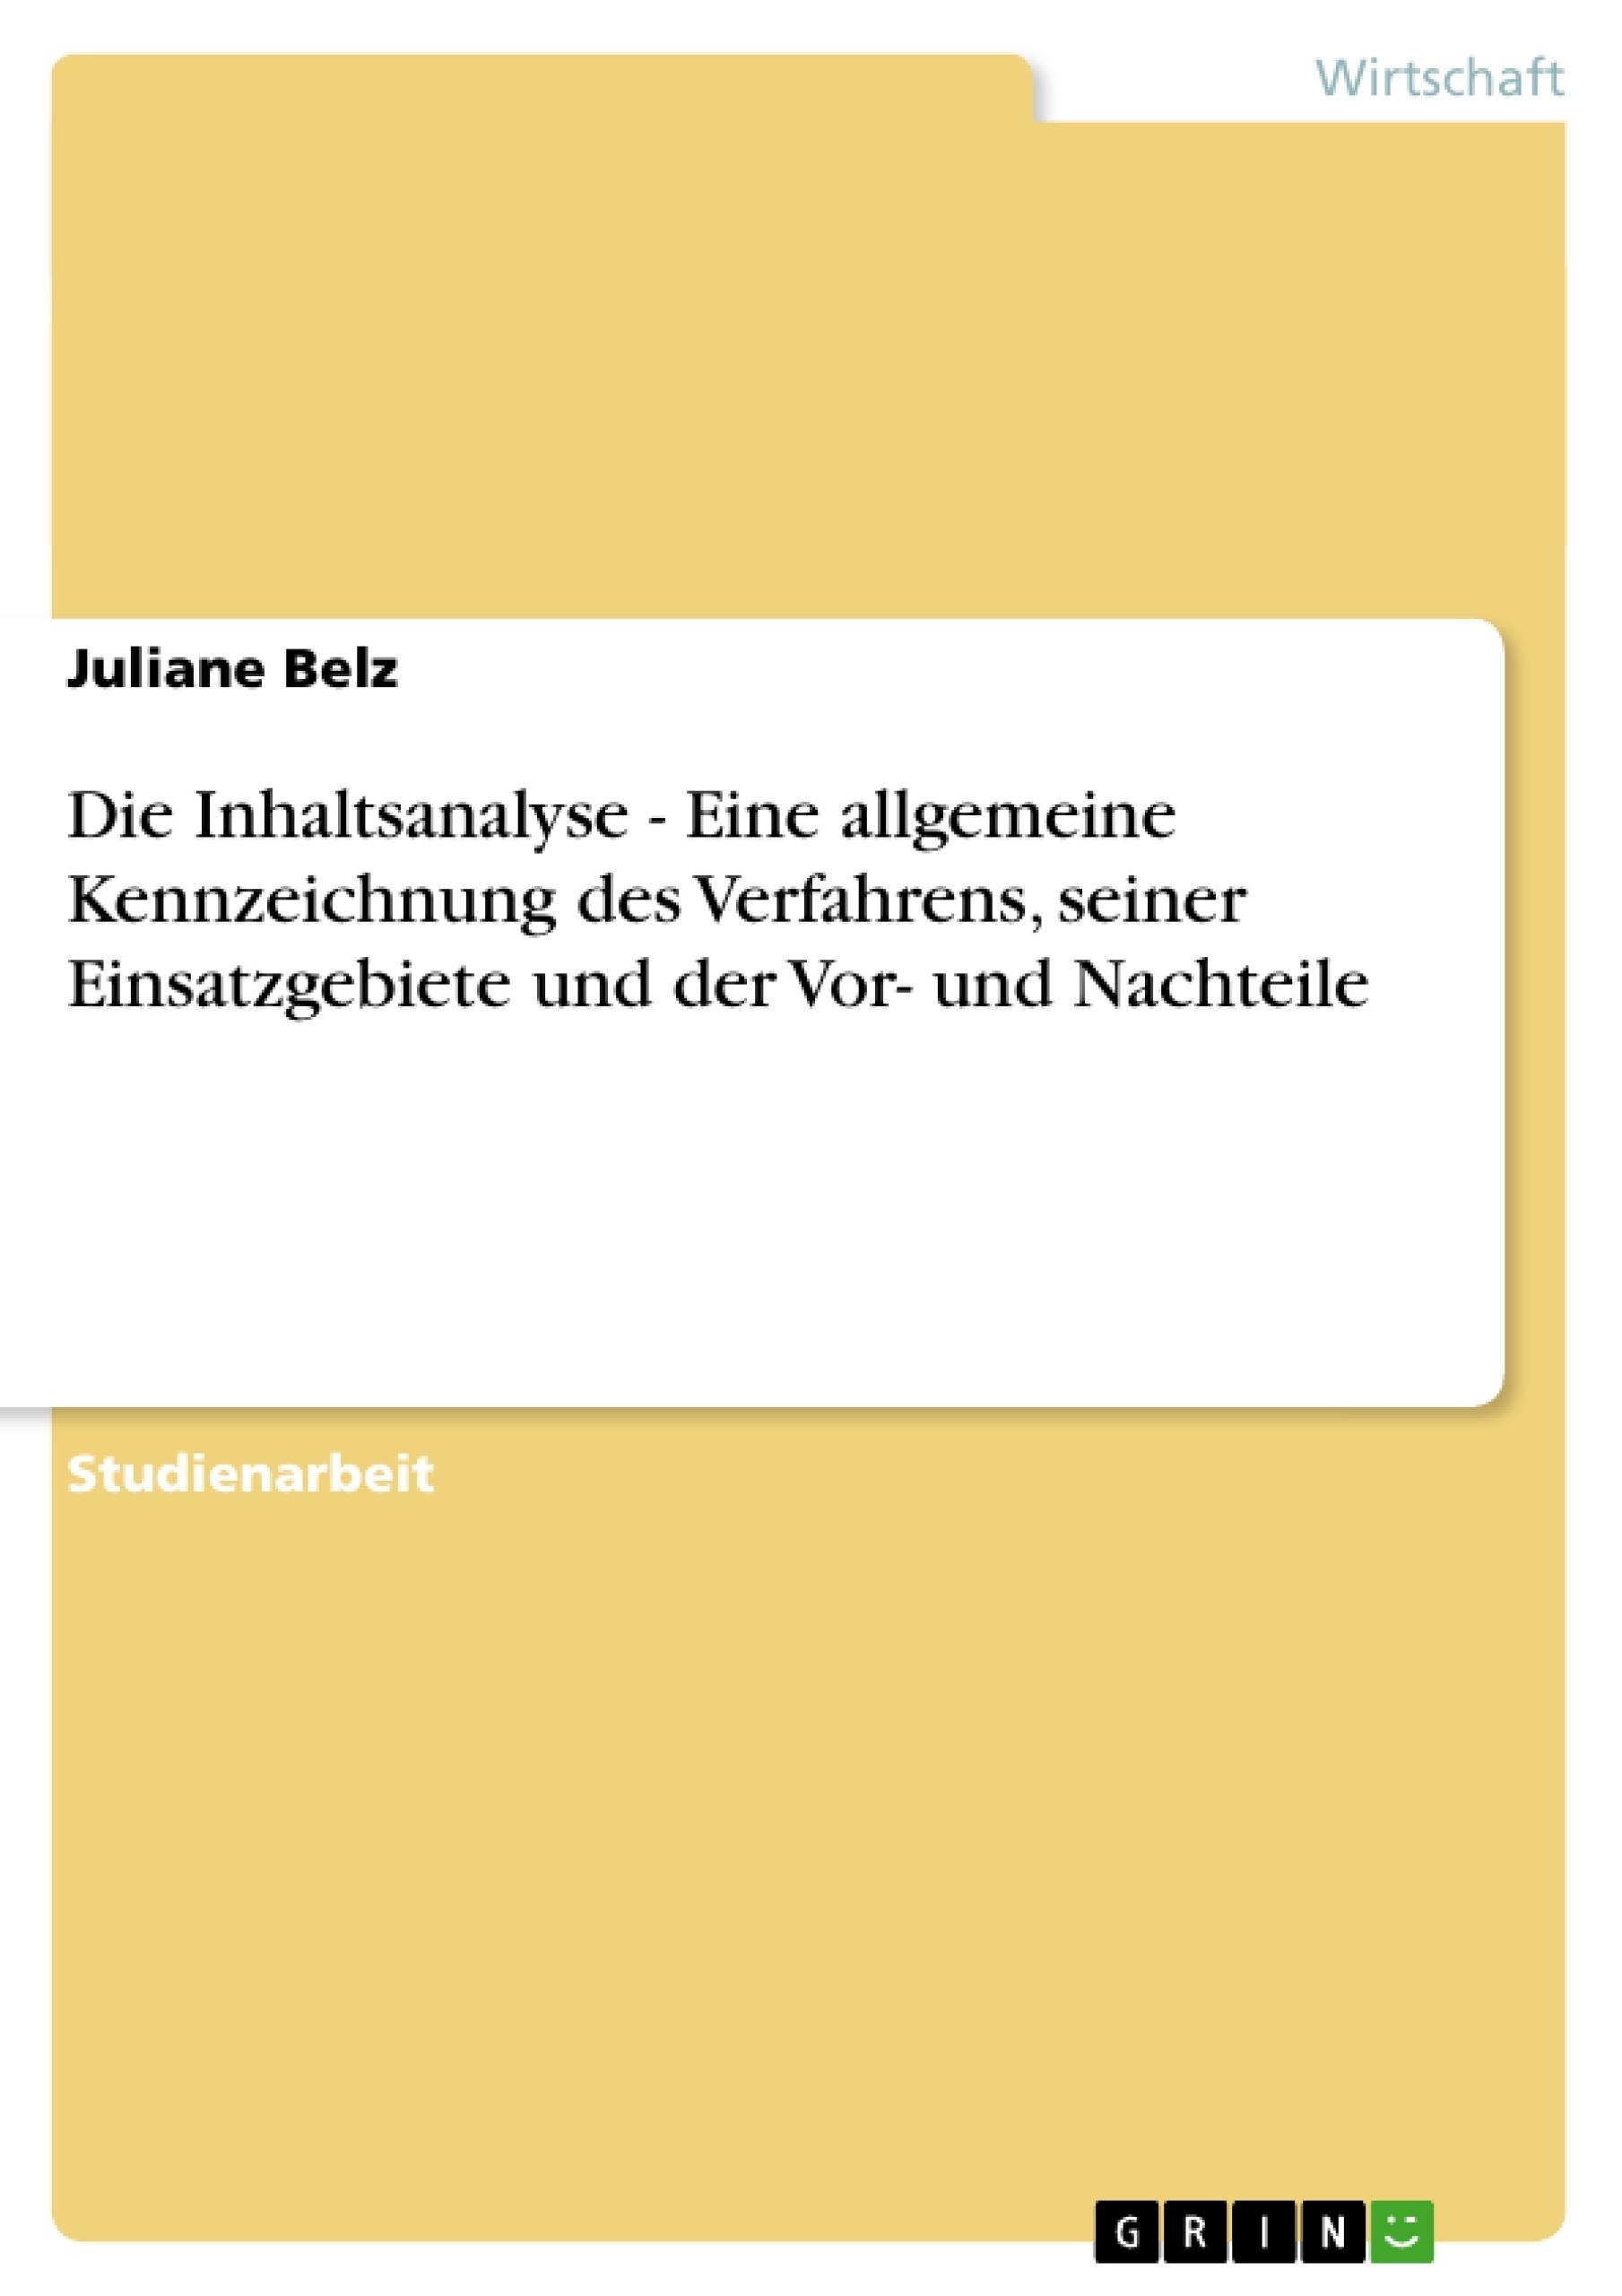 Titel: Die Inhaltsanalyse - Eine allgemeine Kennzeichnung des Verfahrens, seiner Einsatzgebiete und der Vor- und Nachteile